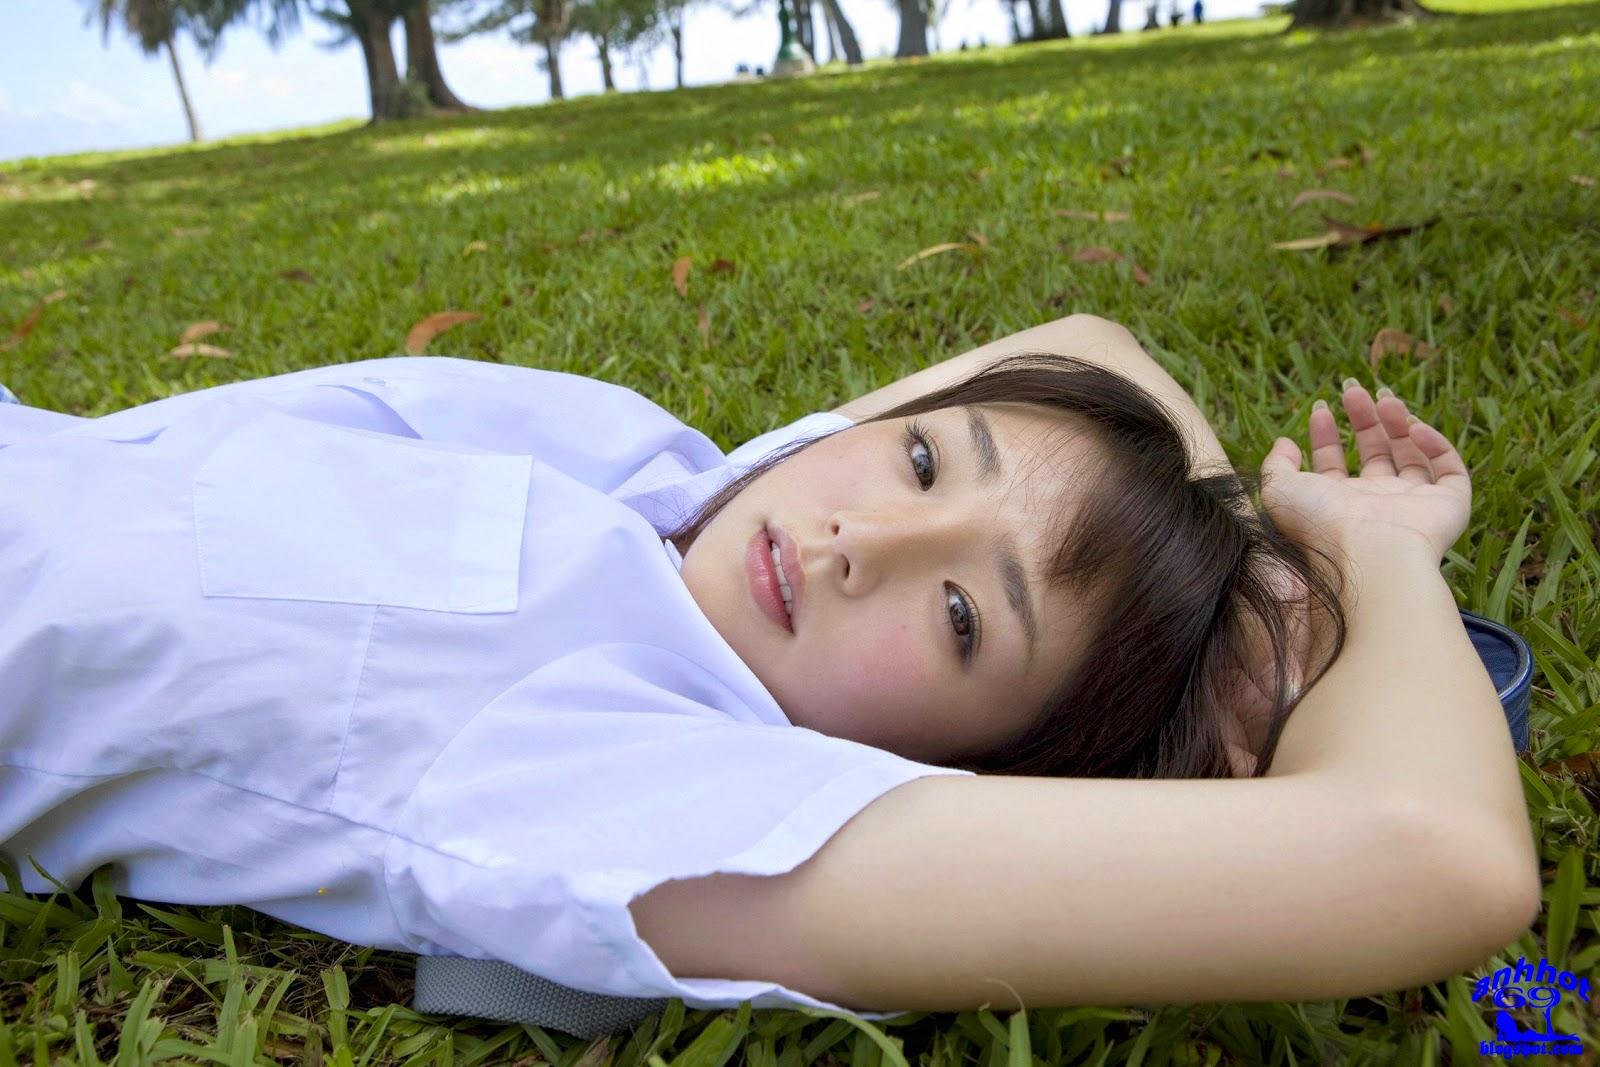 ai-shinozaki-00907383